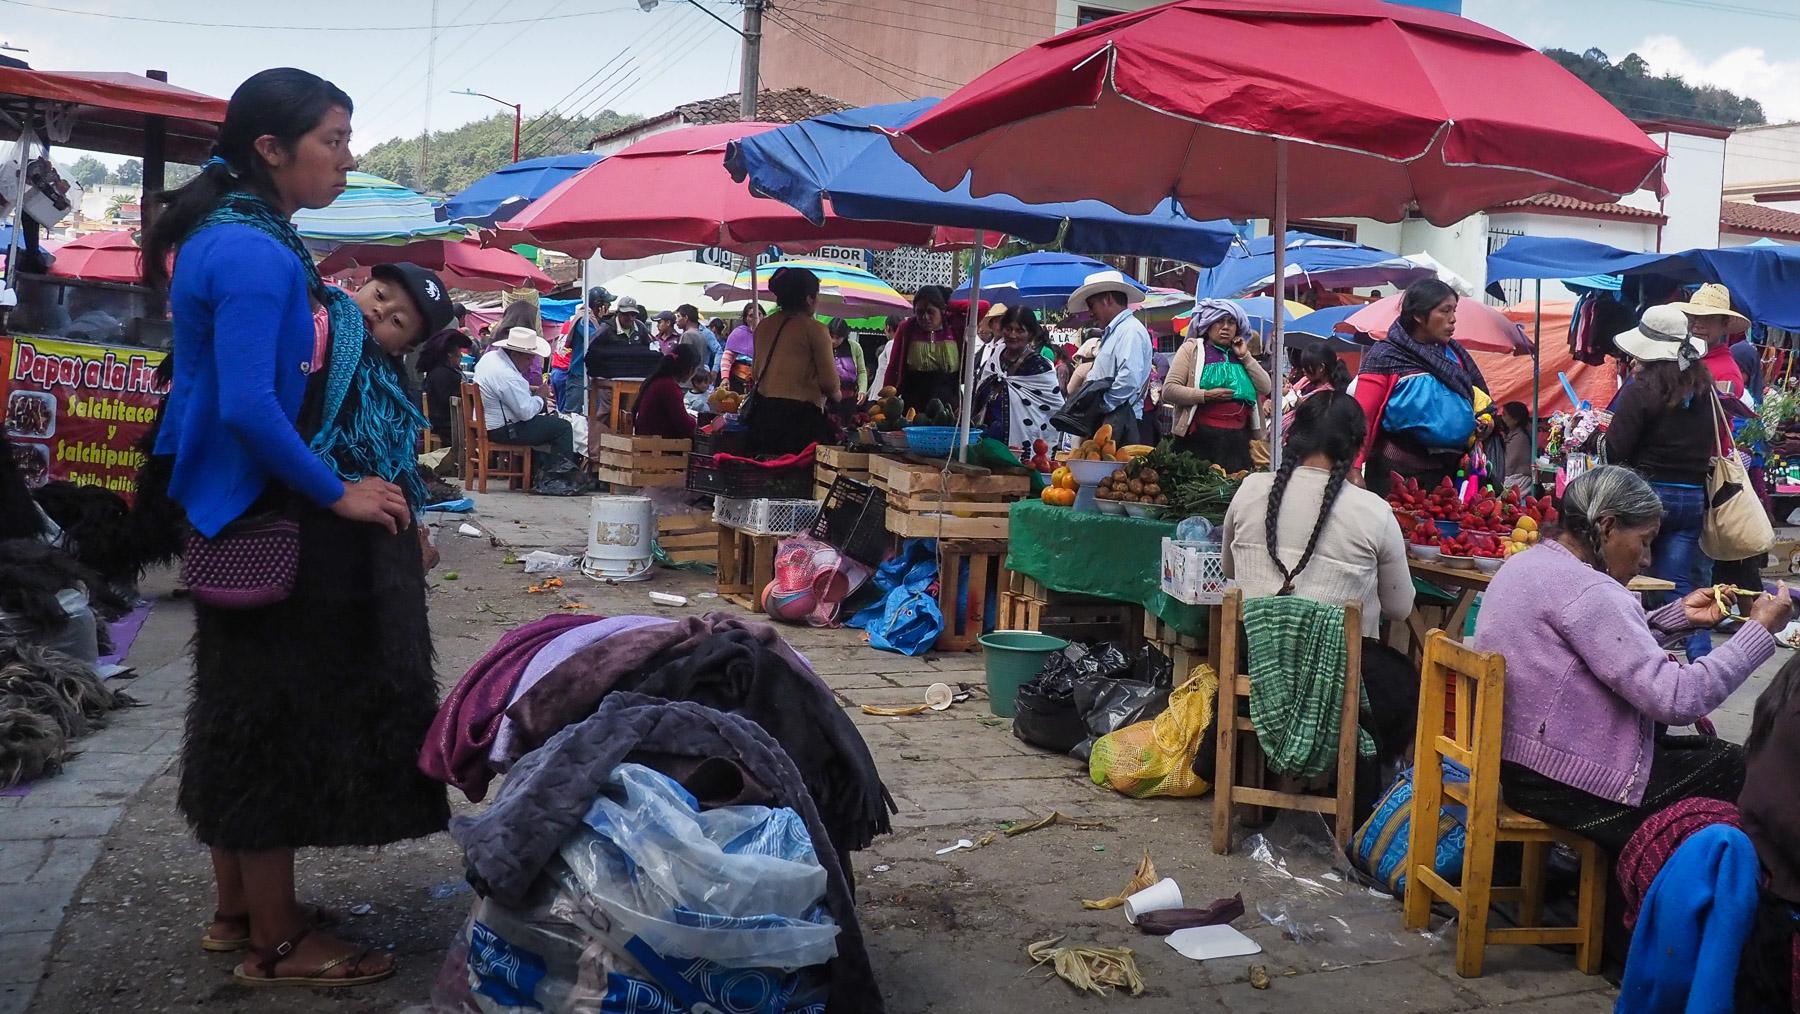 Und auch auf dem Markt kommen viele Indios zusammen